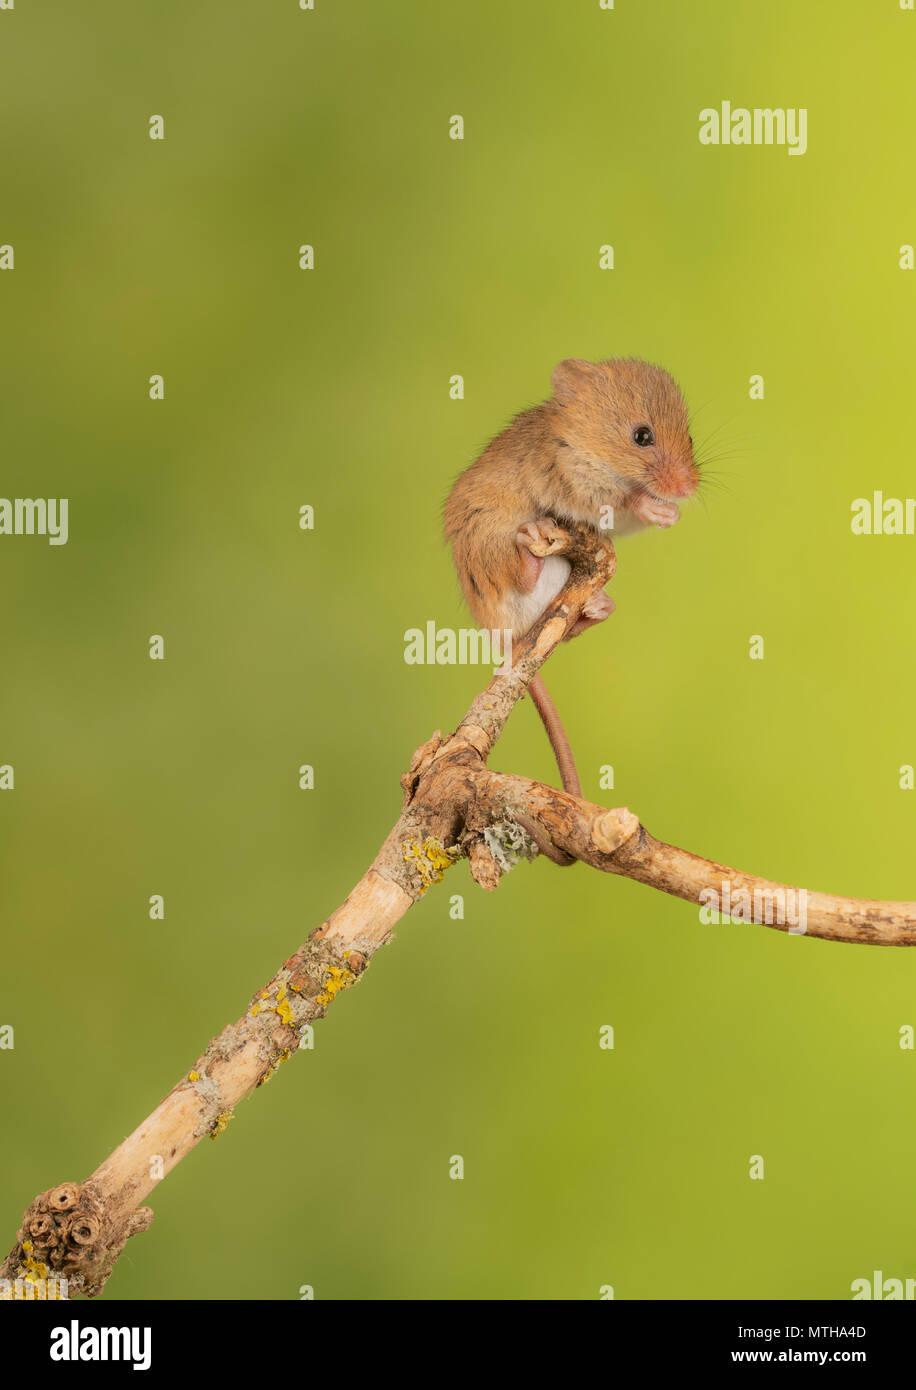 Ernte Maus klettern in ein Studio einrichten Stockbild